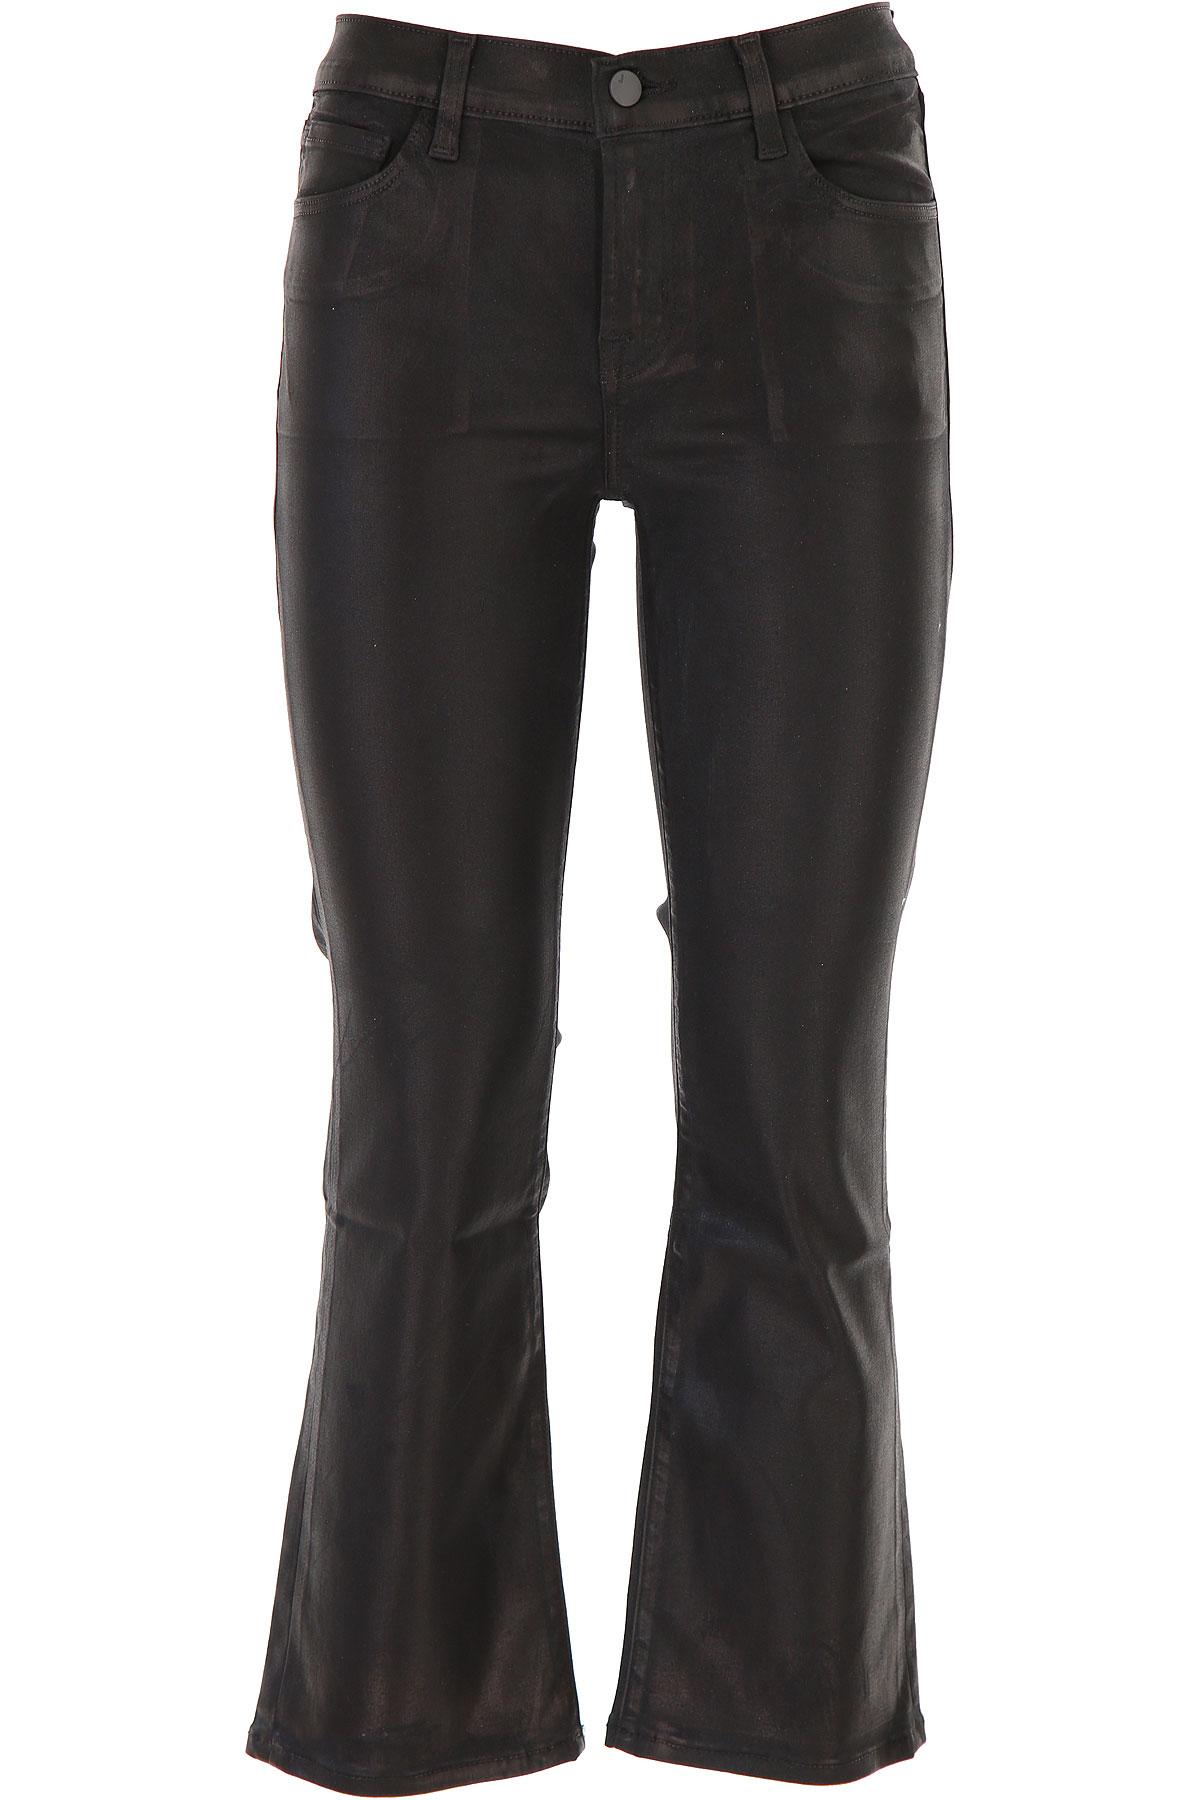 J Brand Pants for Women, Black, lyocell, 2019, 26 27 28 29